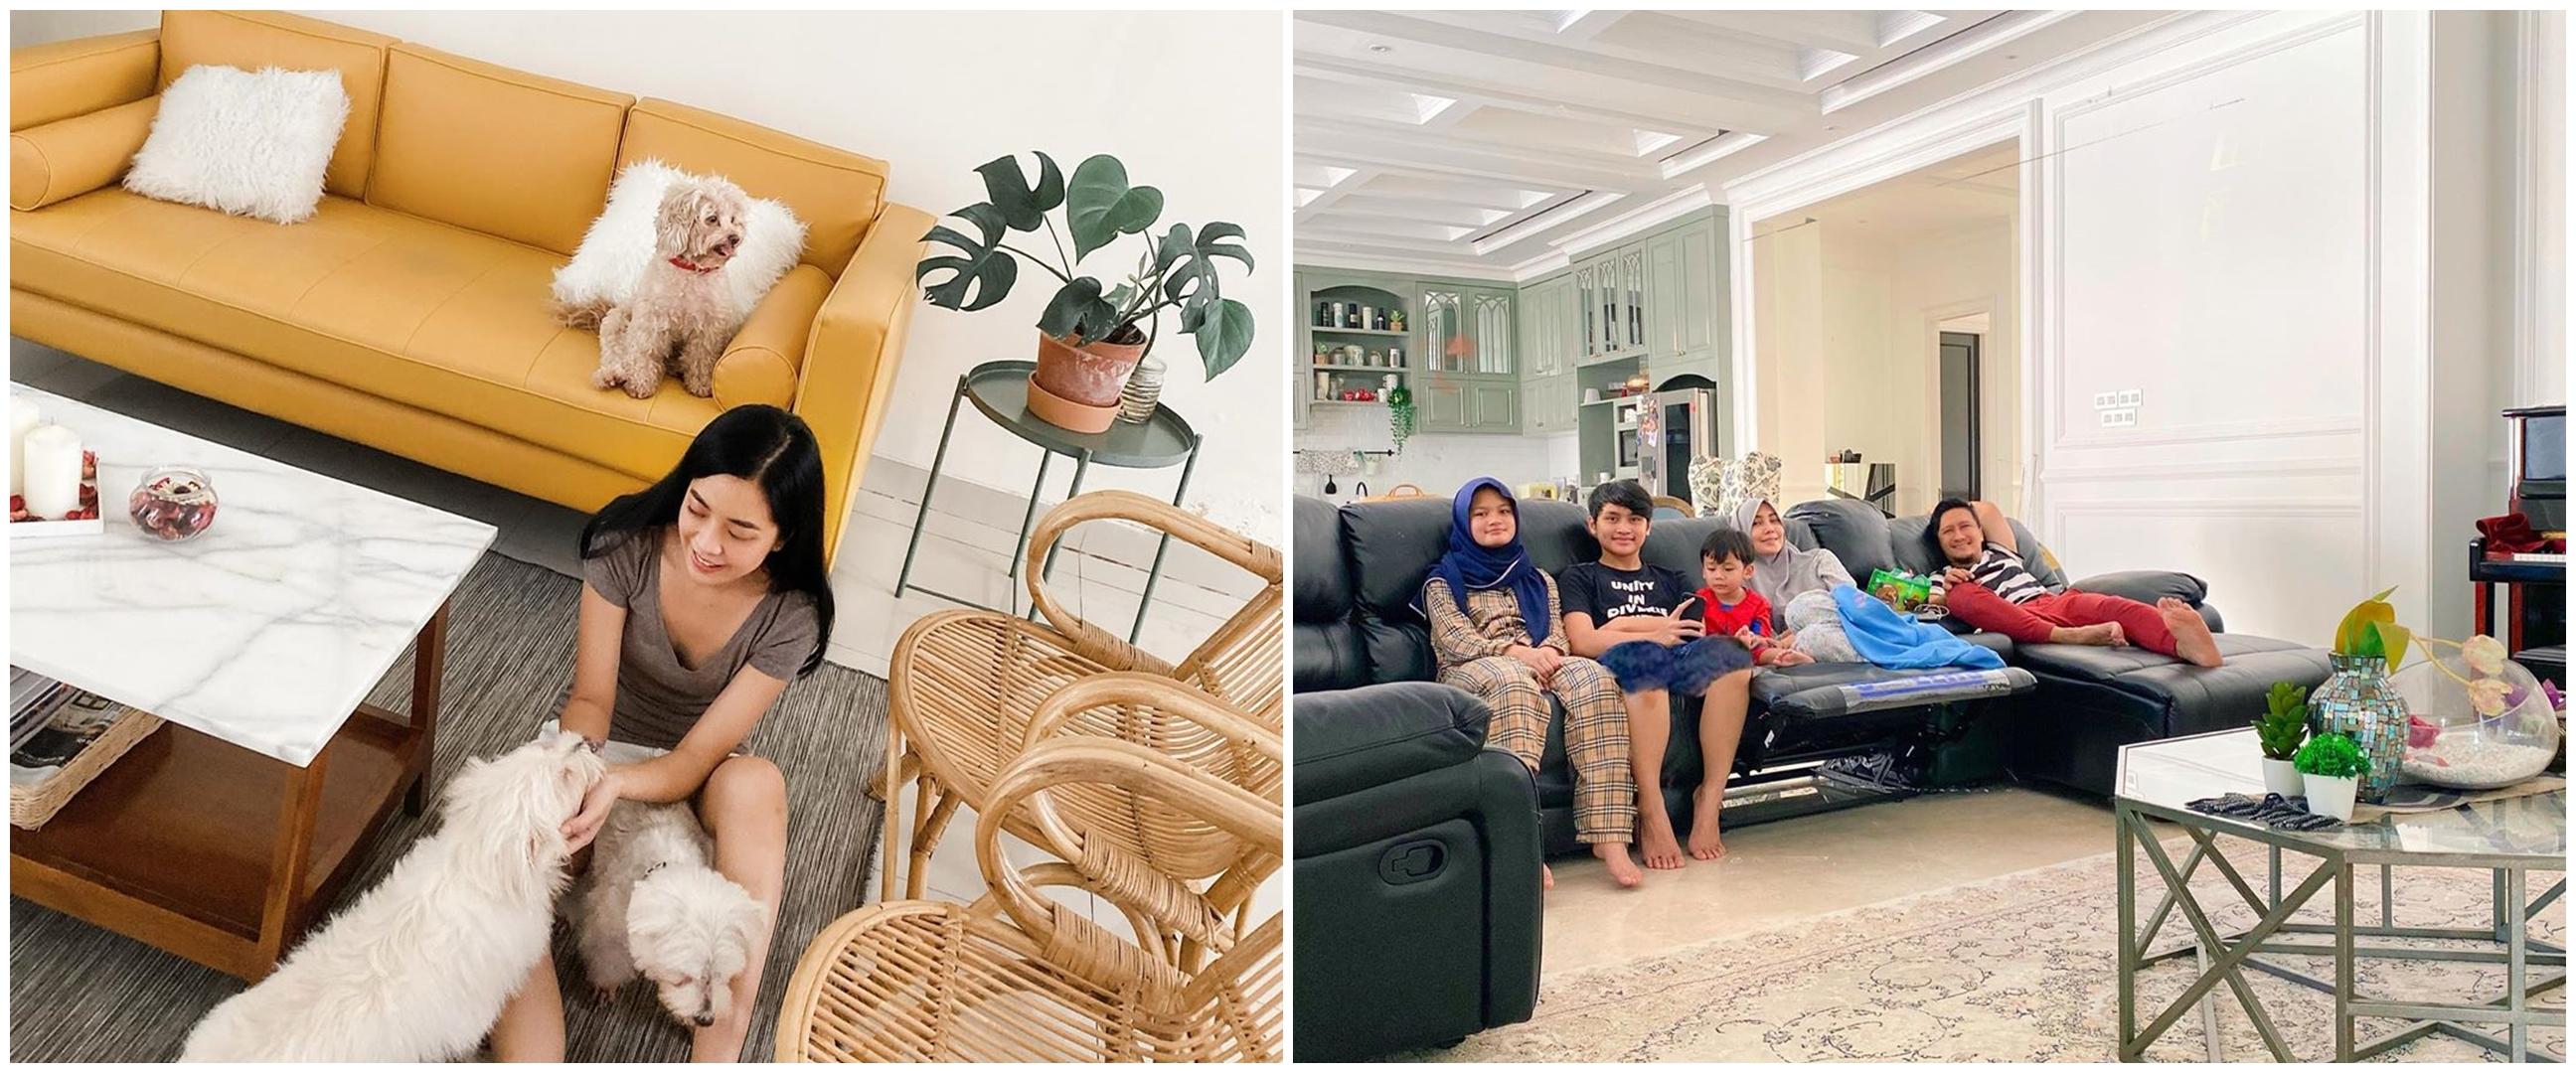 Pilih isolasi di rumah, potret rumah 4 seleb ini bikin salah fokus